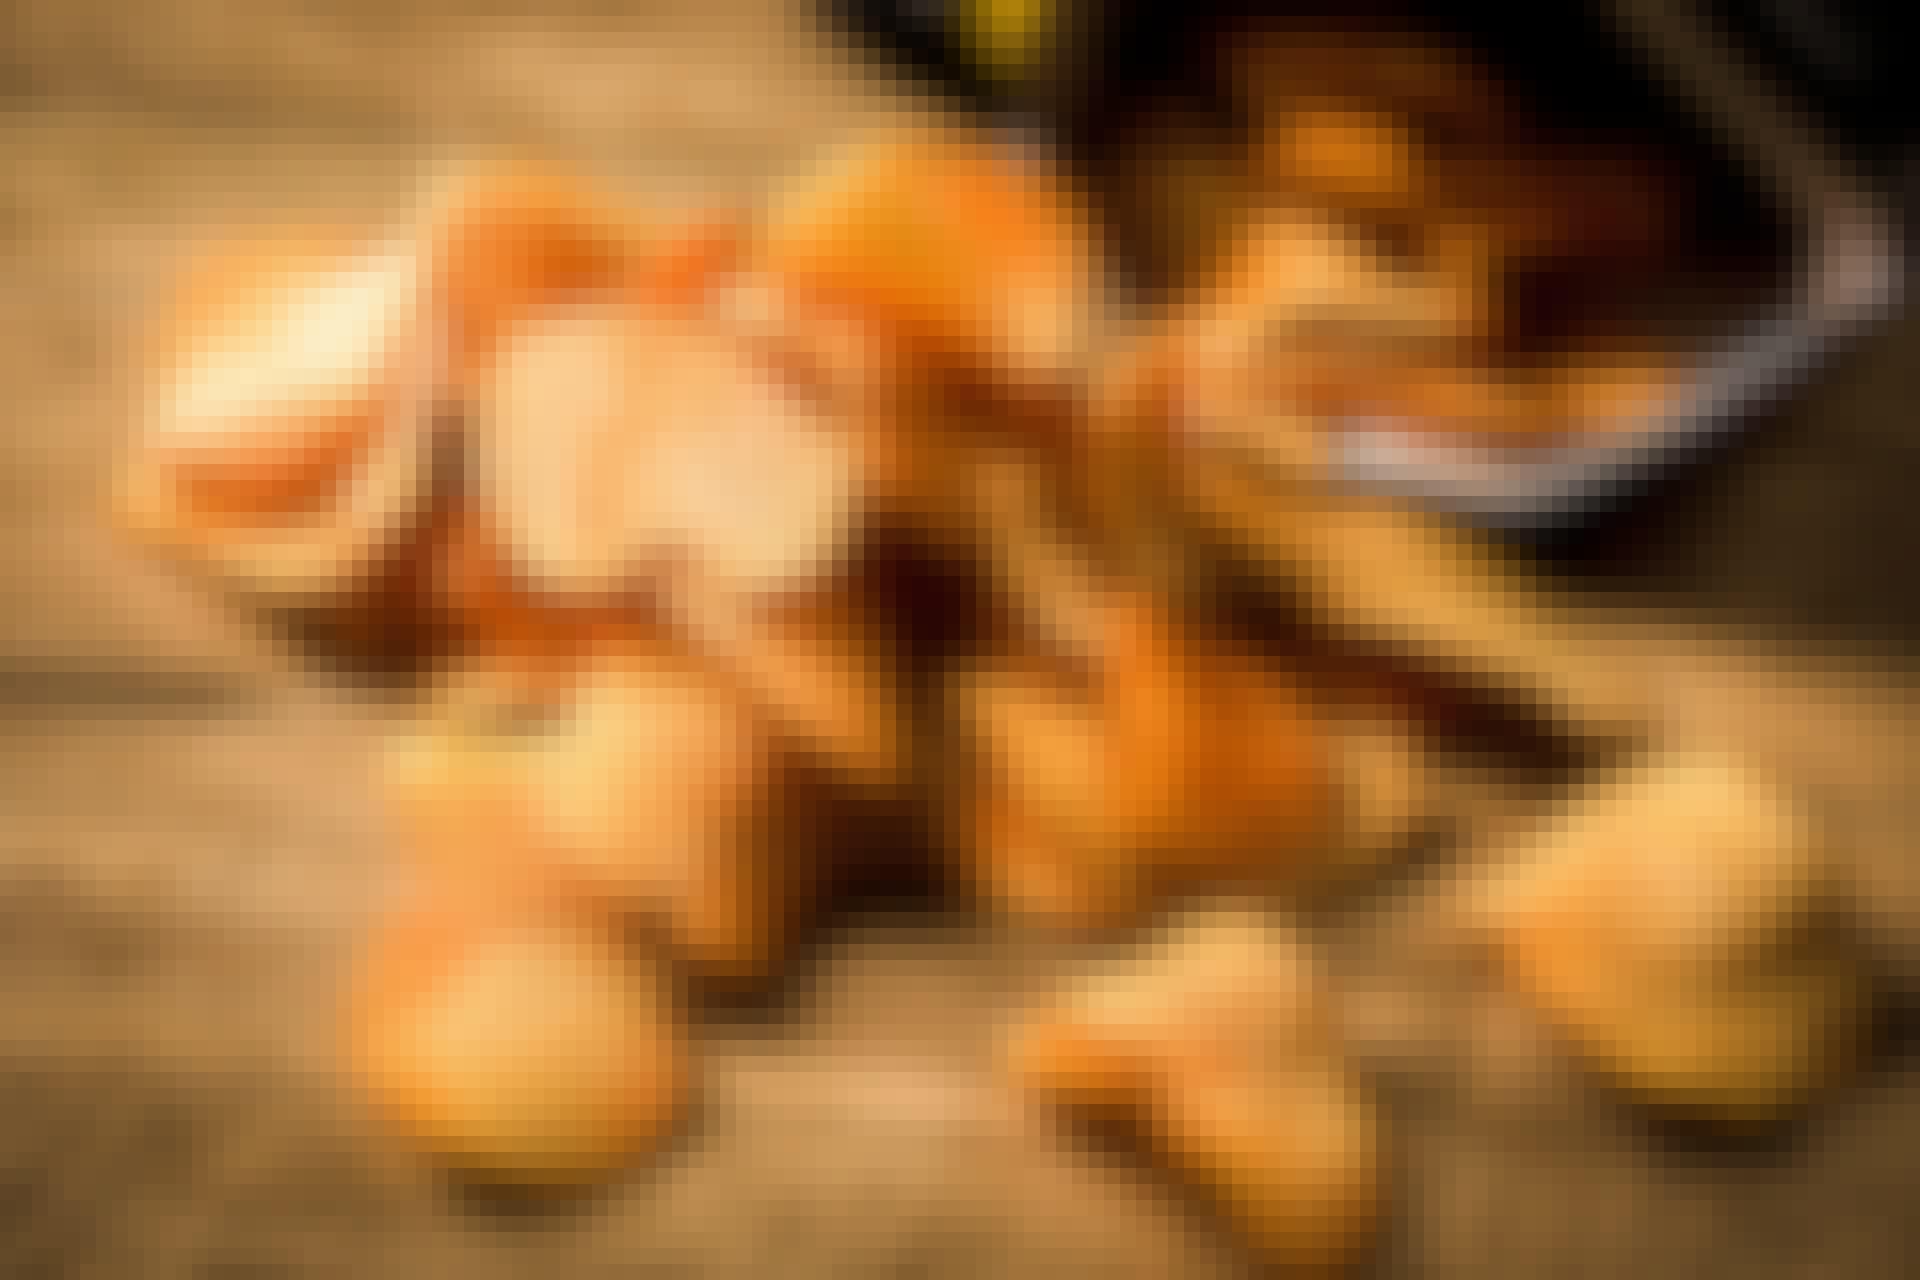 Chips in zak